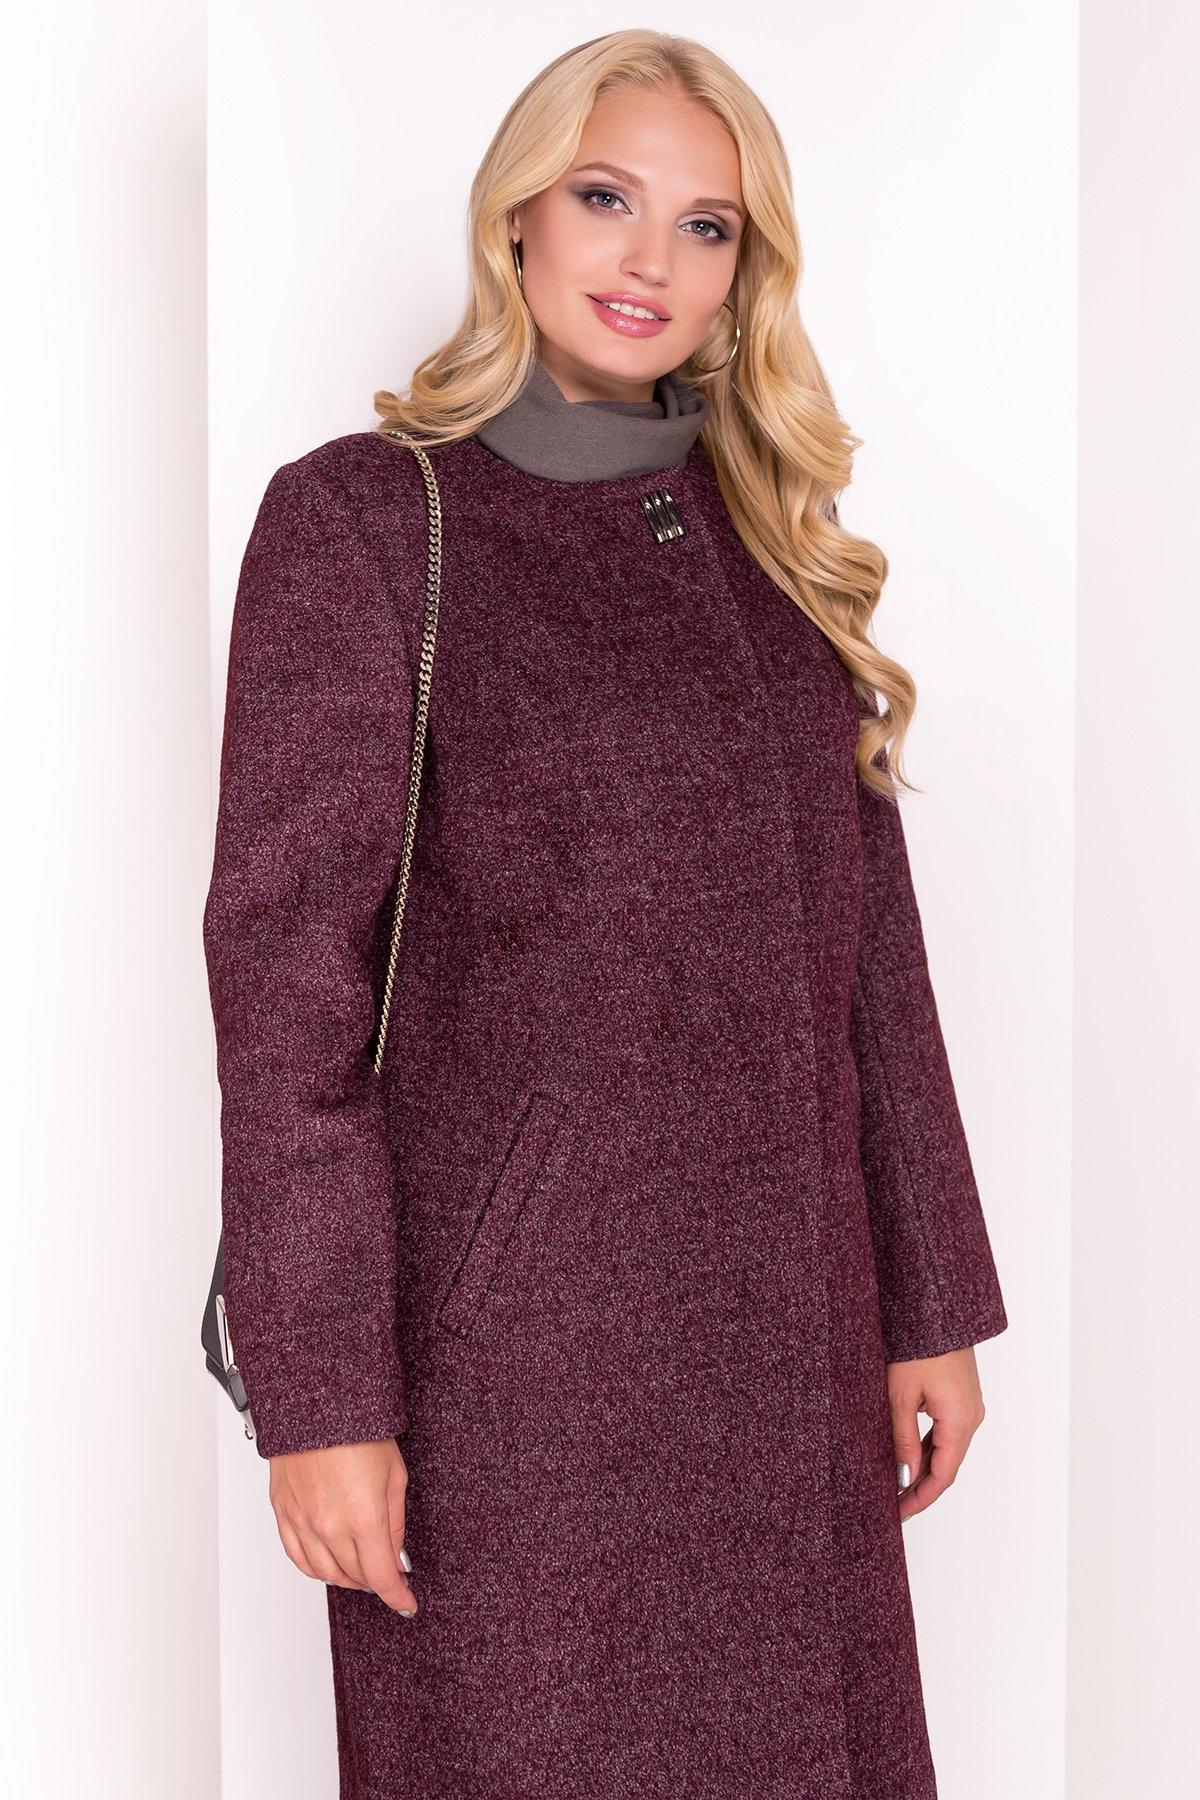 Демисезонное пальто цвета марсала Фортуна DONNA 3377 АРТ. 17323 Цвет: Марсала - фото 3, интернет магазин tm-modus.ru